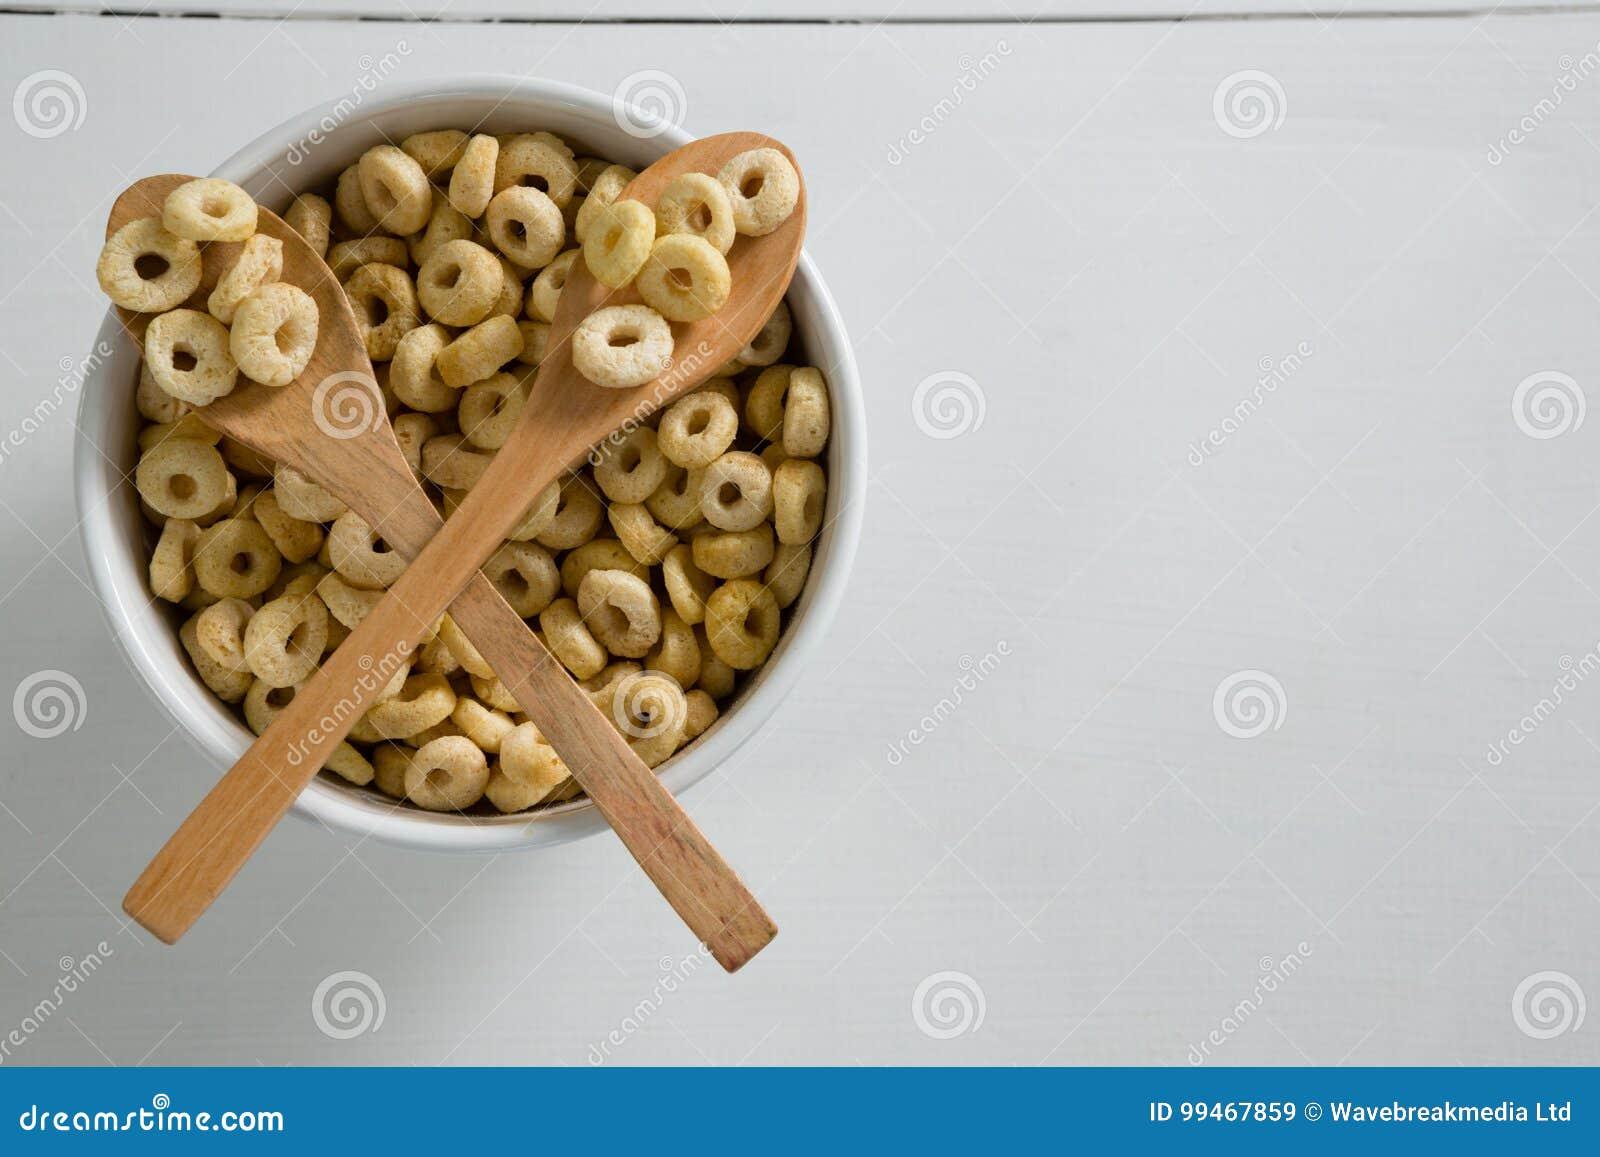 Apple jack in bowl